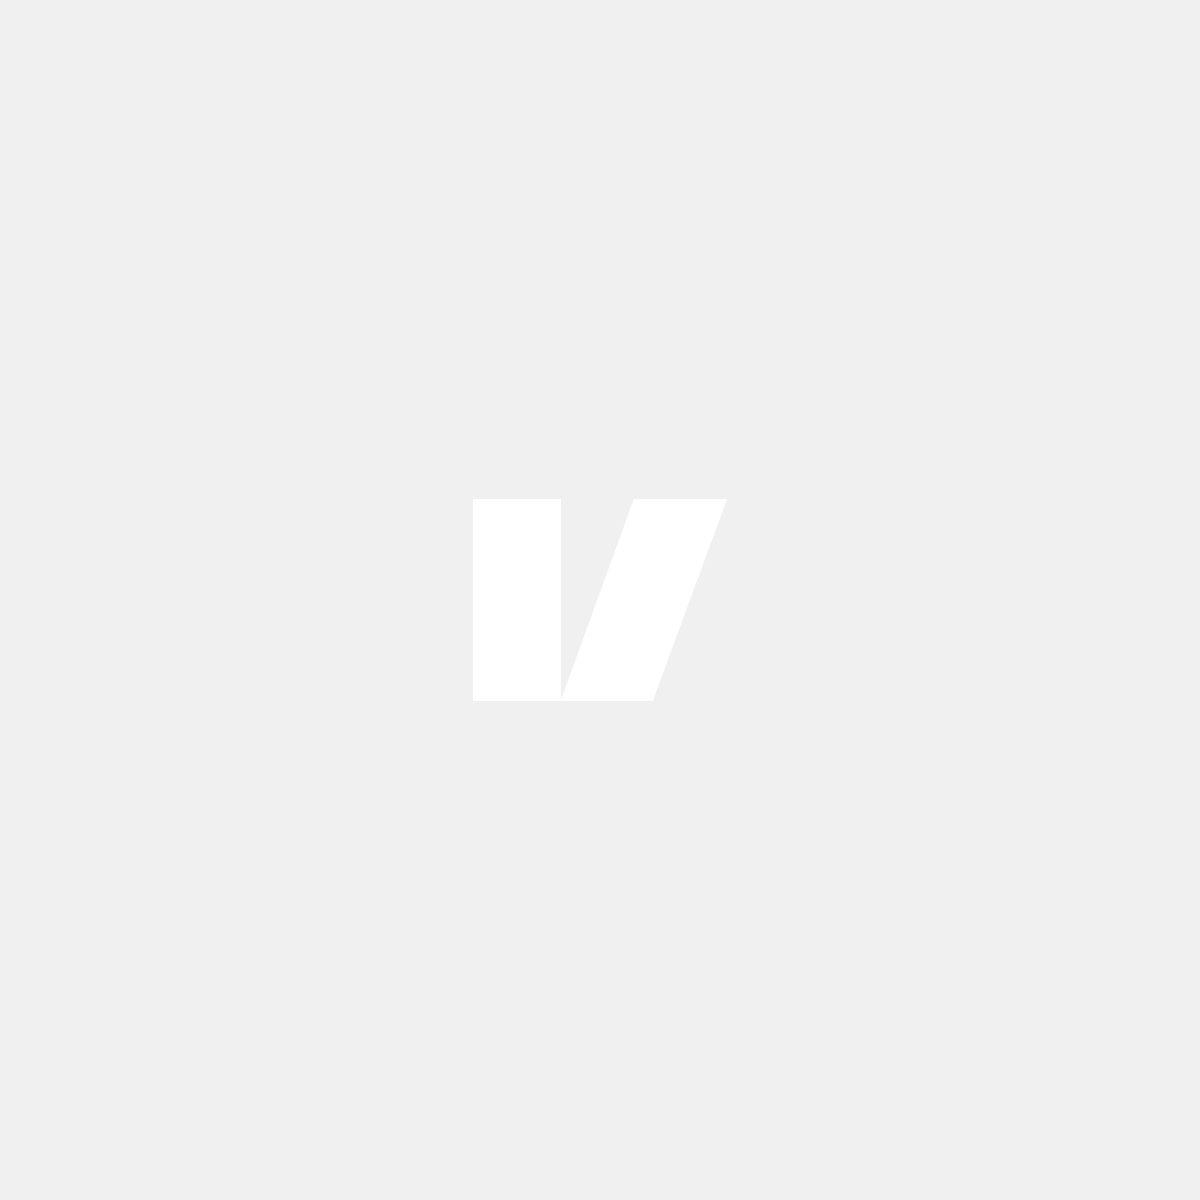 Funktionsadderare Programmerbar för Volvo S60, V70, XC70, XC90, 05-